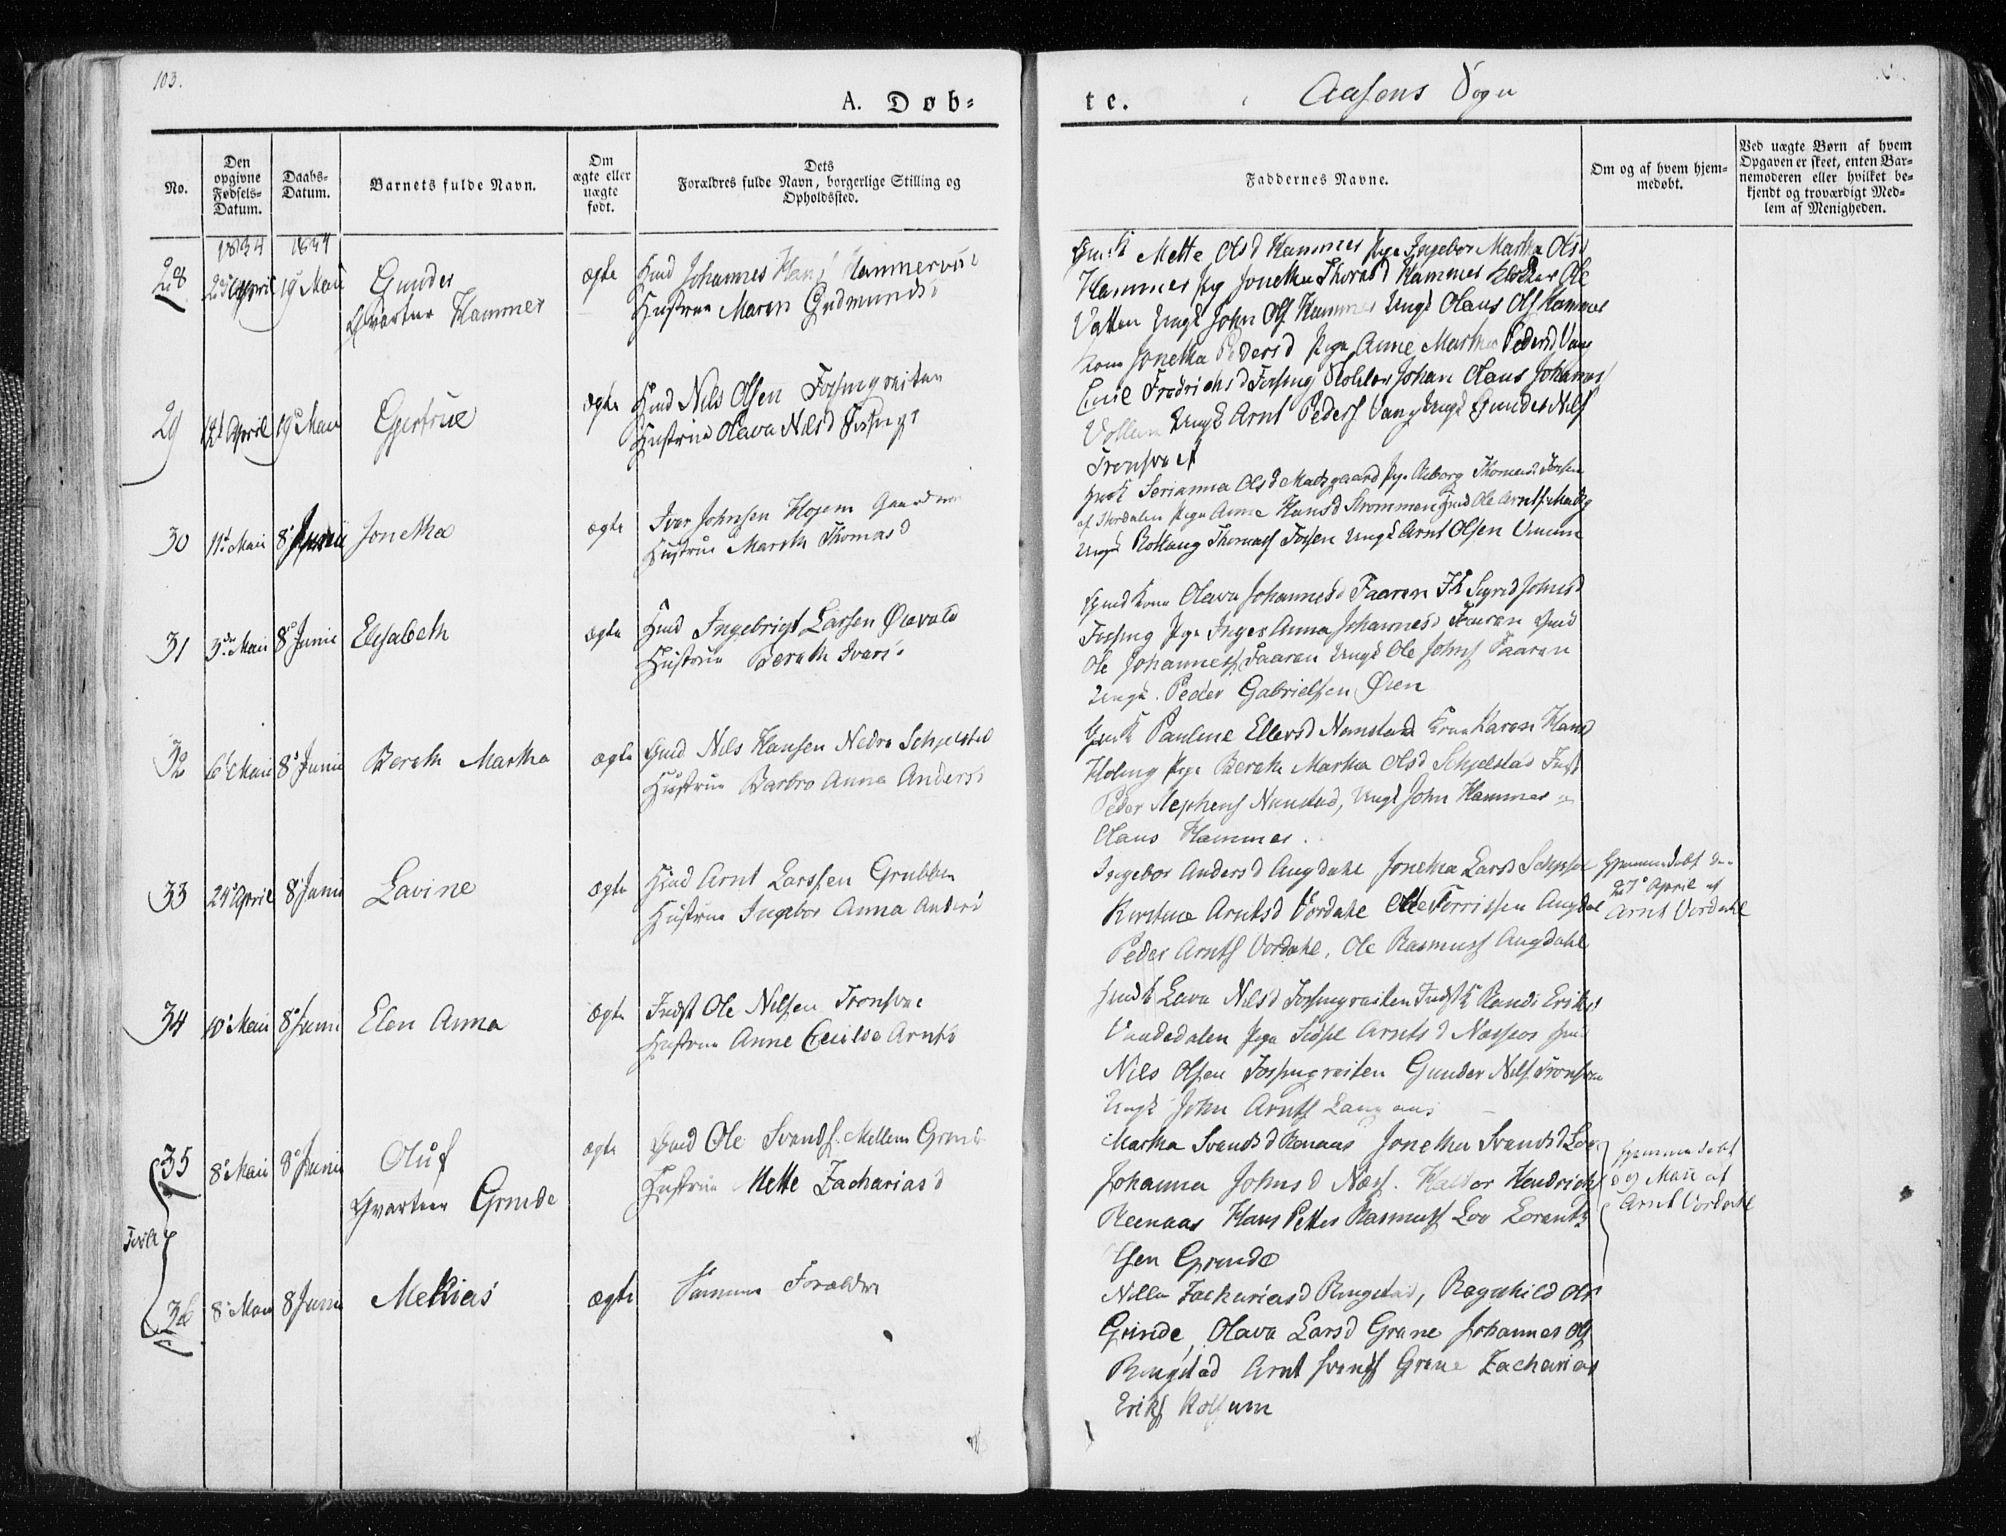 SAT, Ministerialprotokoller, klokkerbøker og fødselsregistre - Nord-Trøndelag, 713/L0114: Ministerialbok nr. 713A05, 1827-1839, s. 103